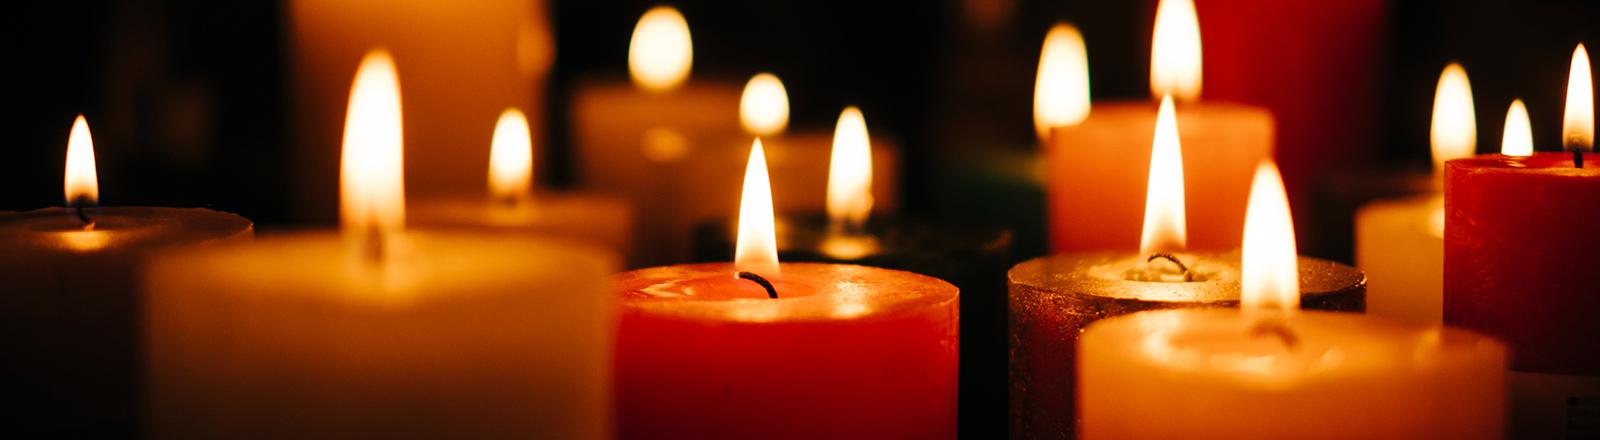 Viele gelb-rötliche Kerzen stehen neben- und hintereinander und brennen; der Hintergrund ist dunkel